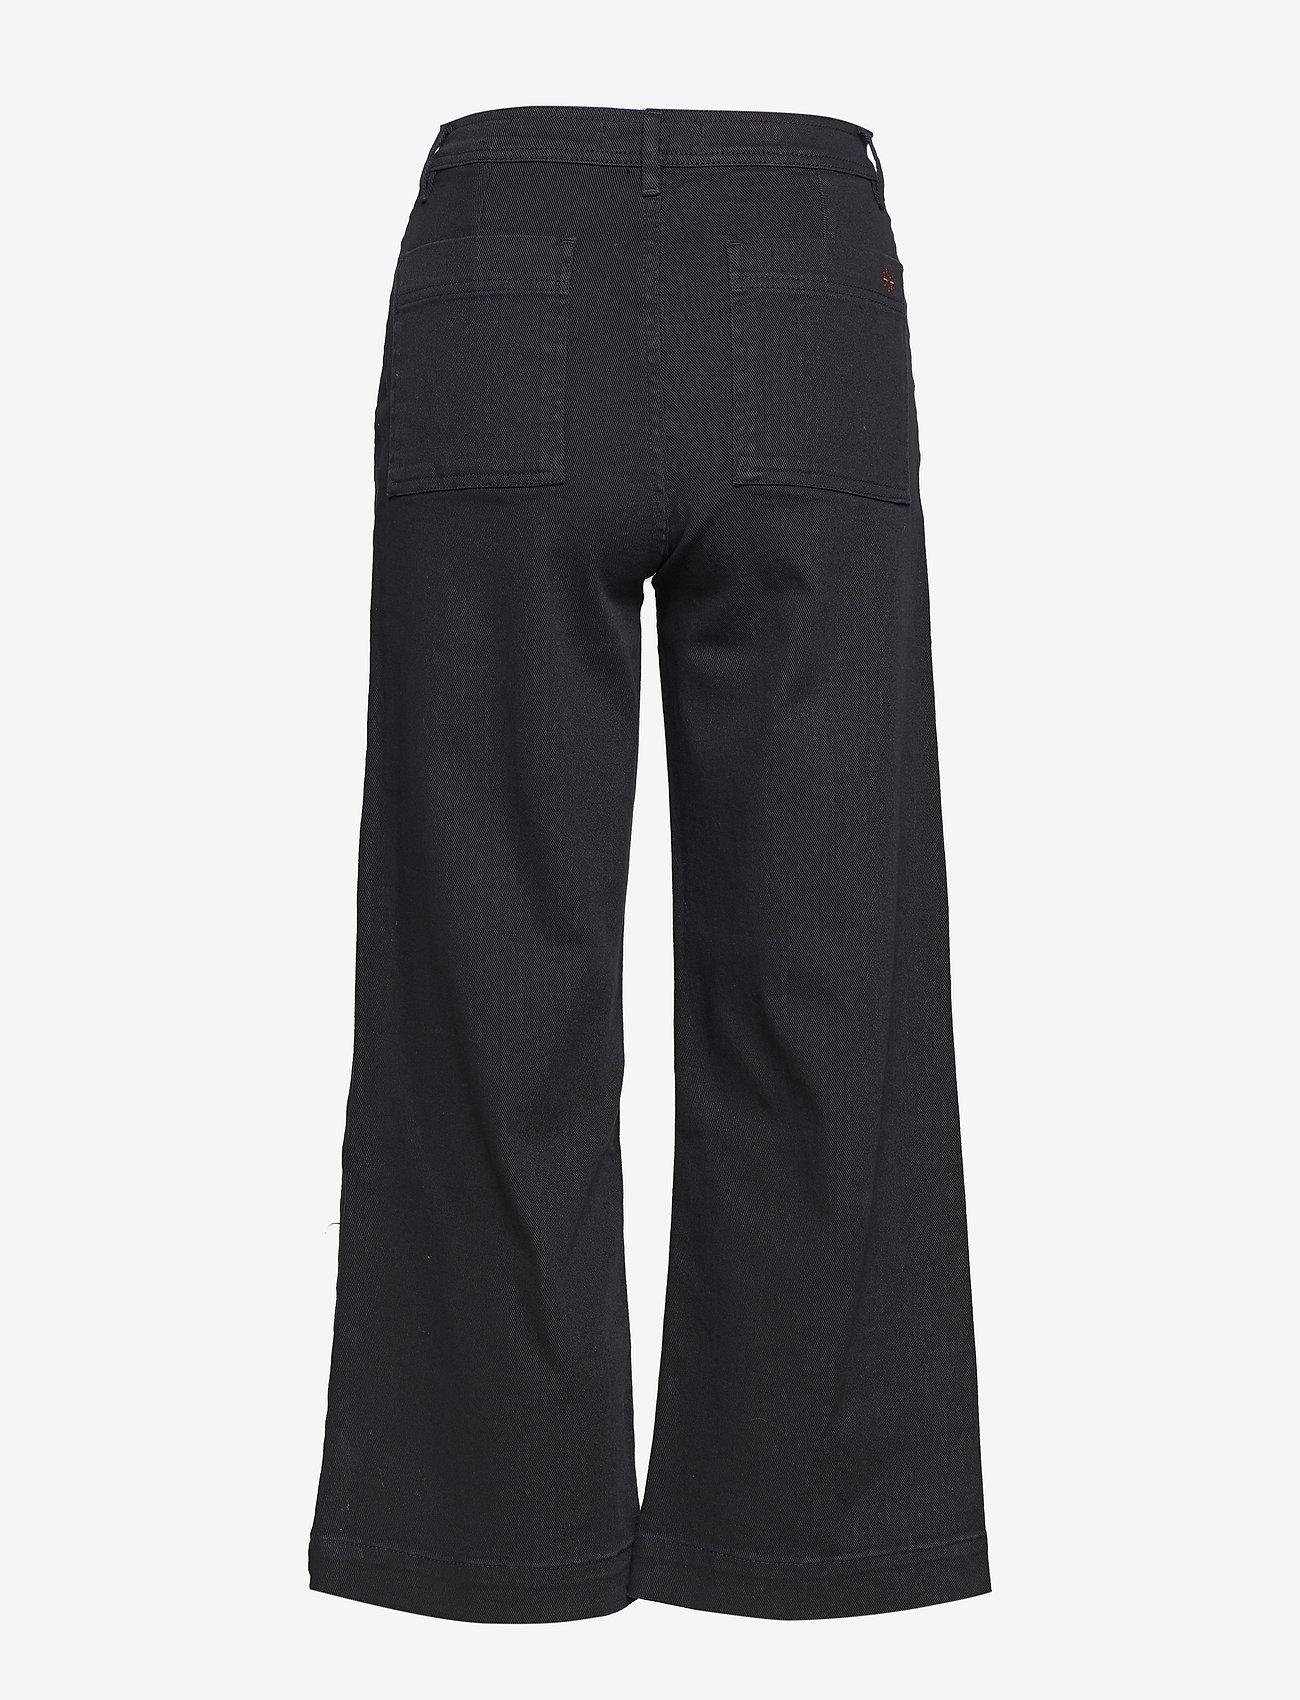 WACAY Valerie Pant - Spodnie BLUE - Kobiety Odzież.